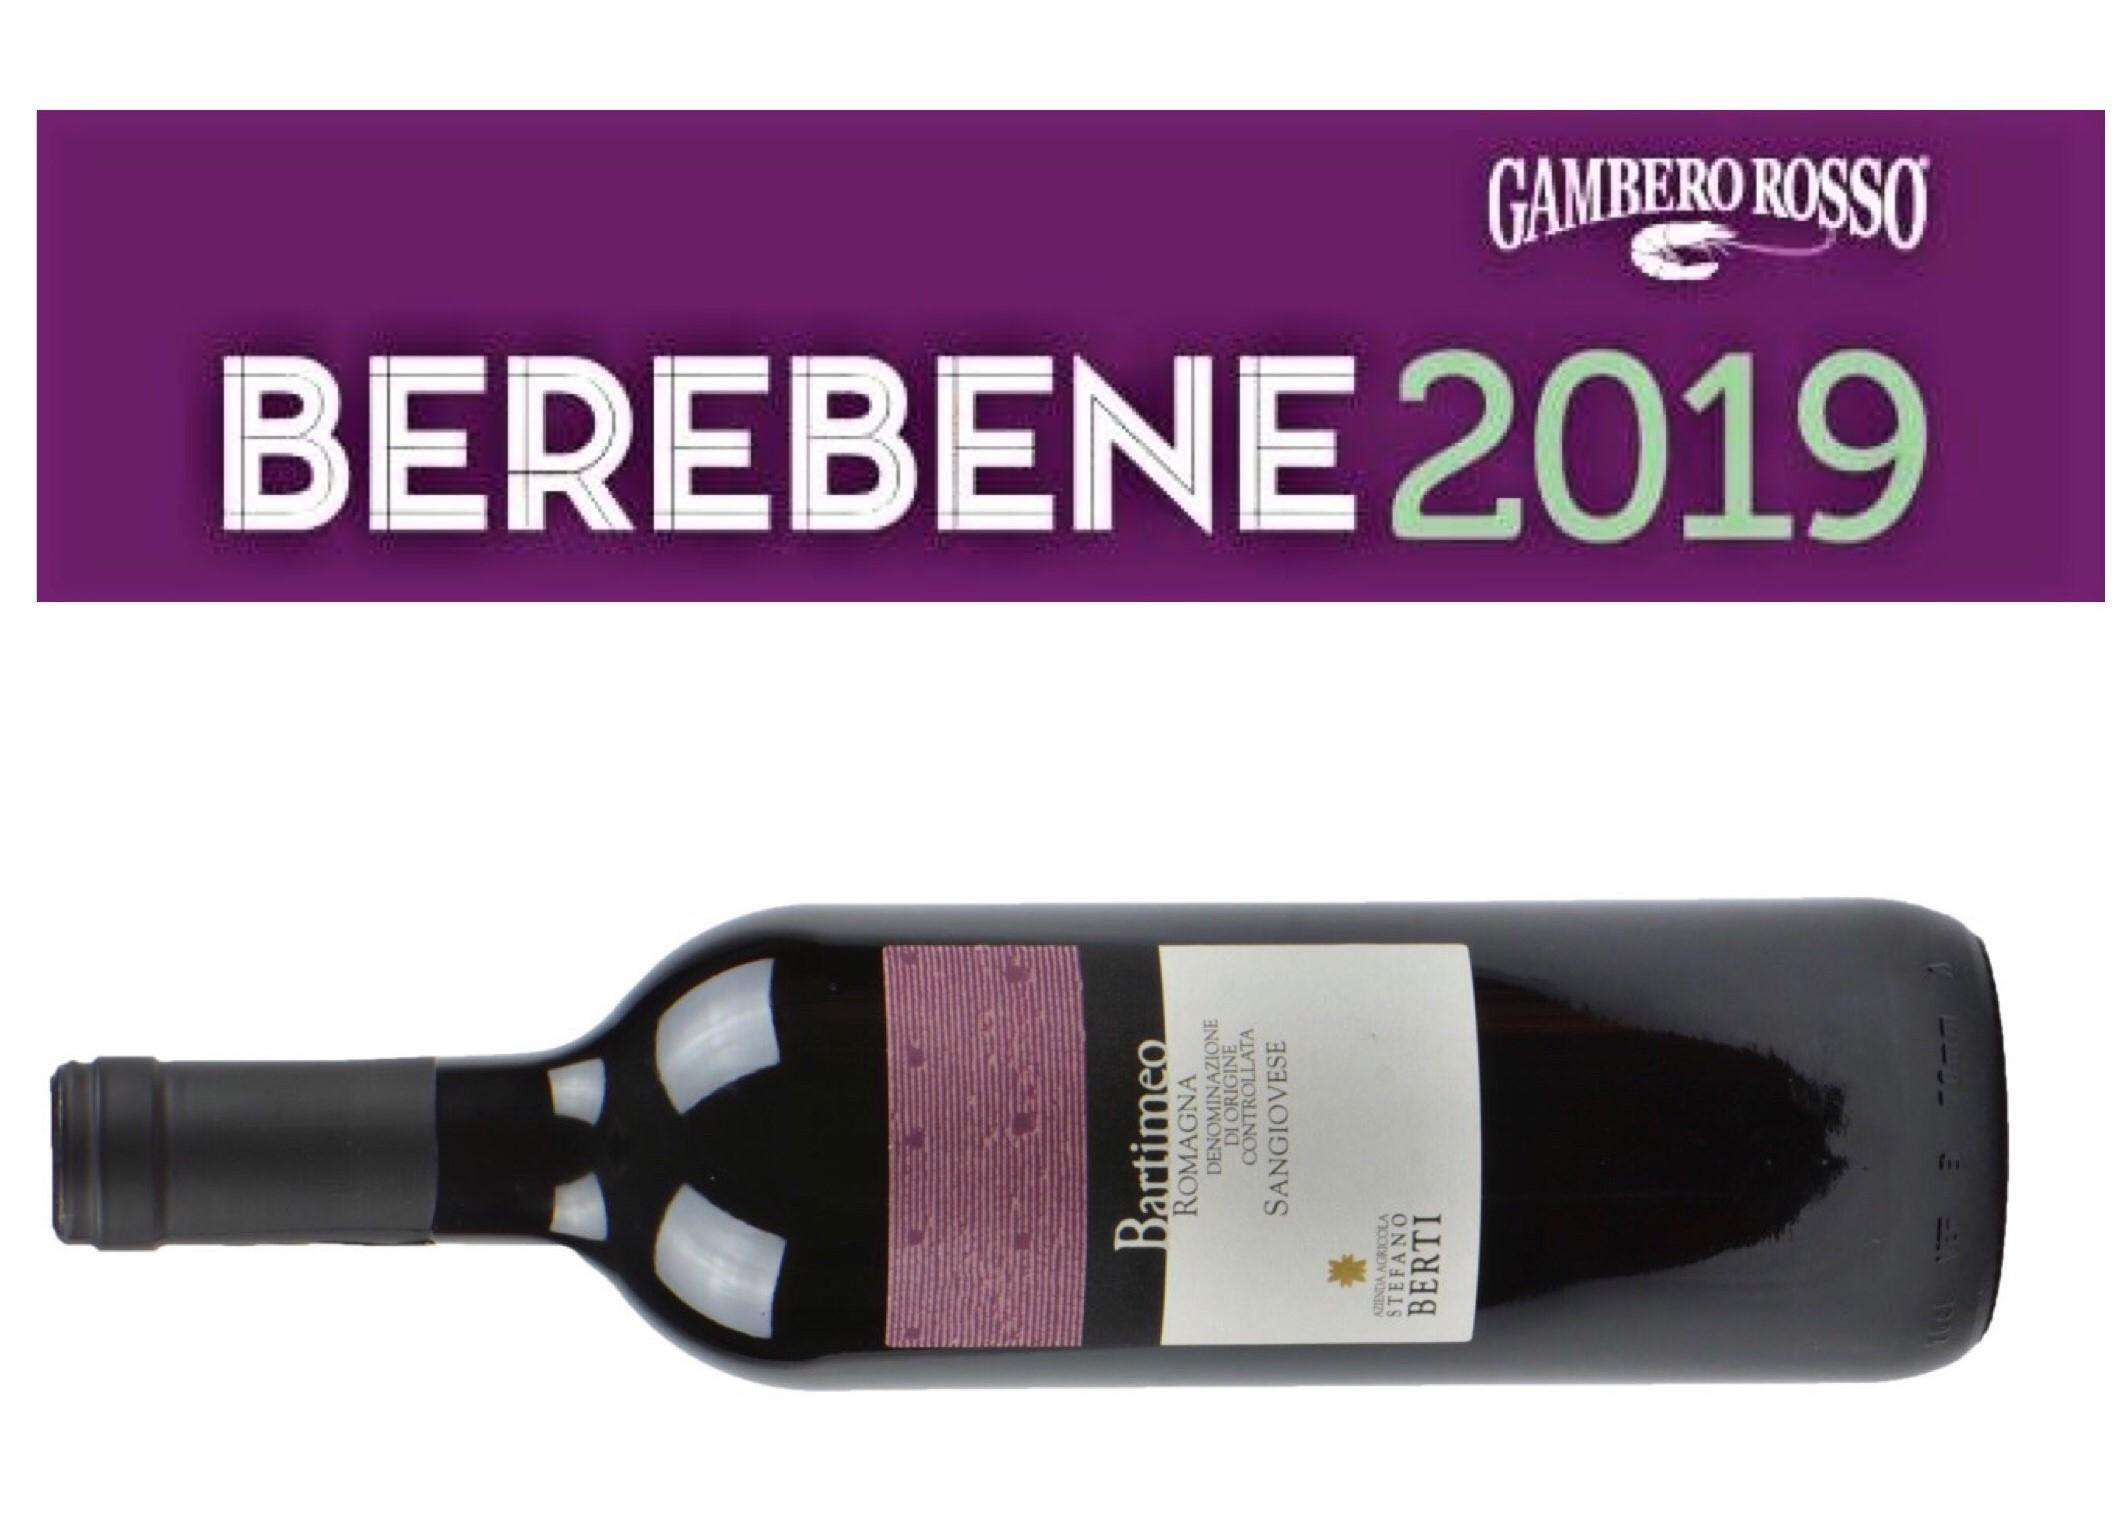 Il Romagna Sangiovese DOC Bartimeo premiato dalla guida 2019 Berebene del Gambero Rosso